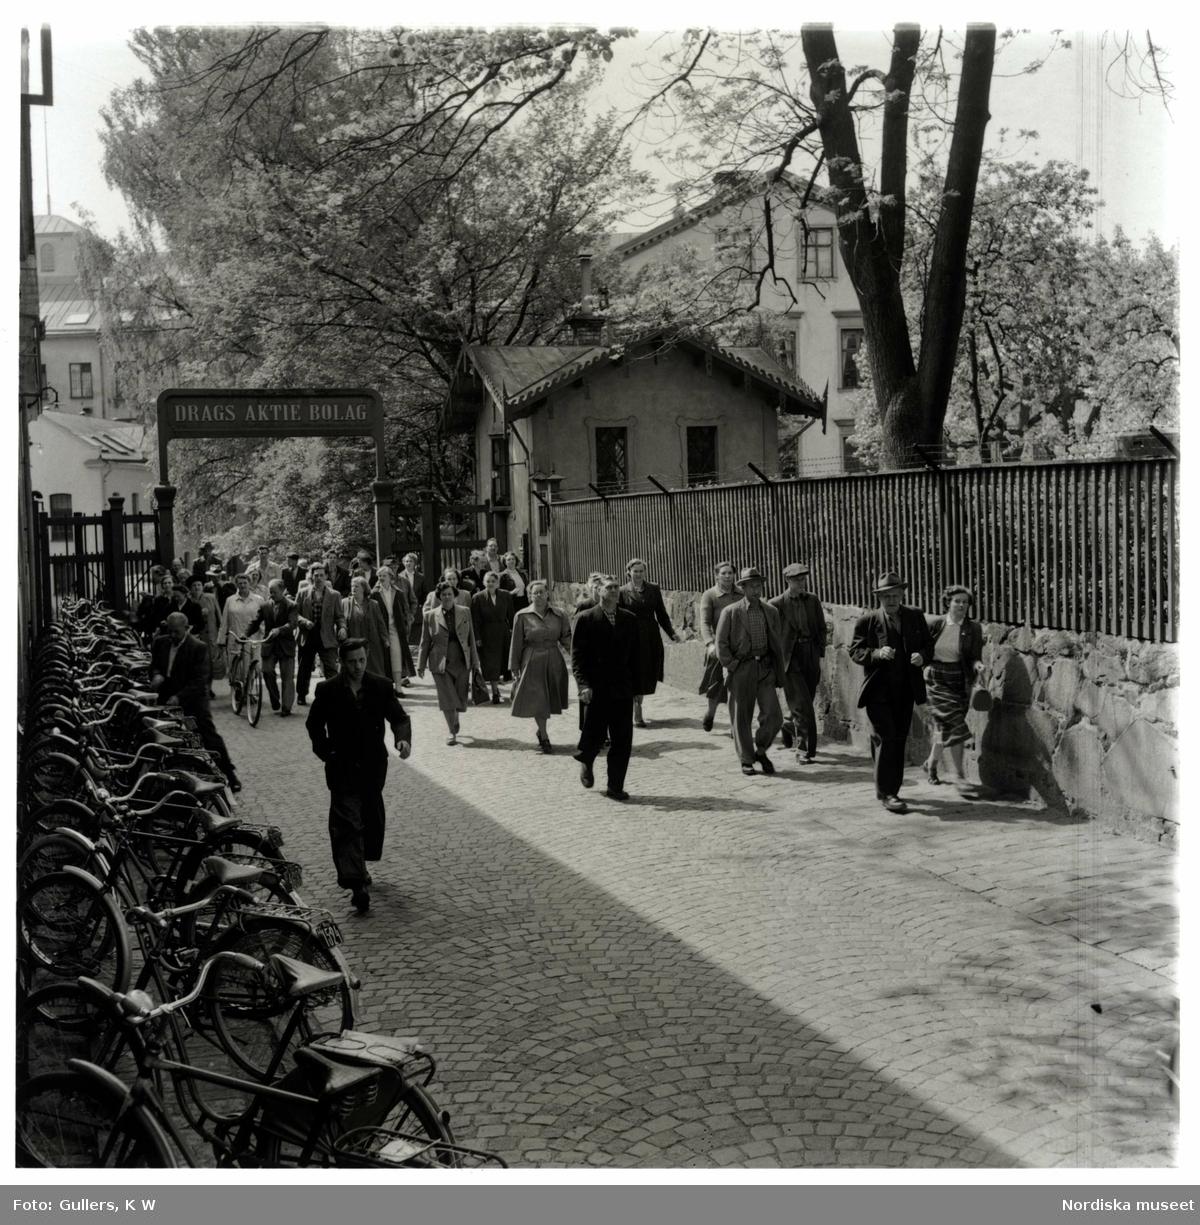 Människor på väg hem från sitt arbete, Norrköping.